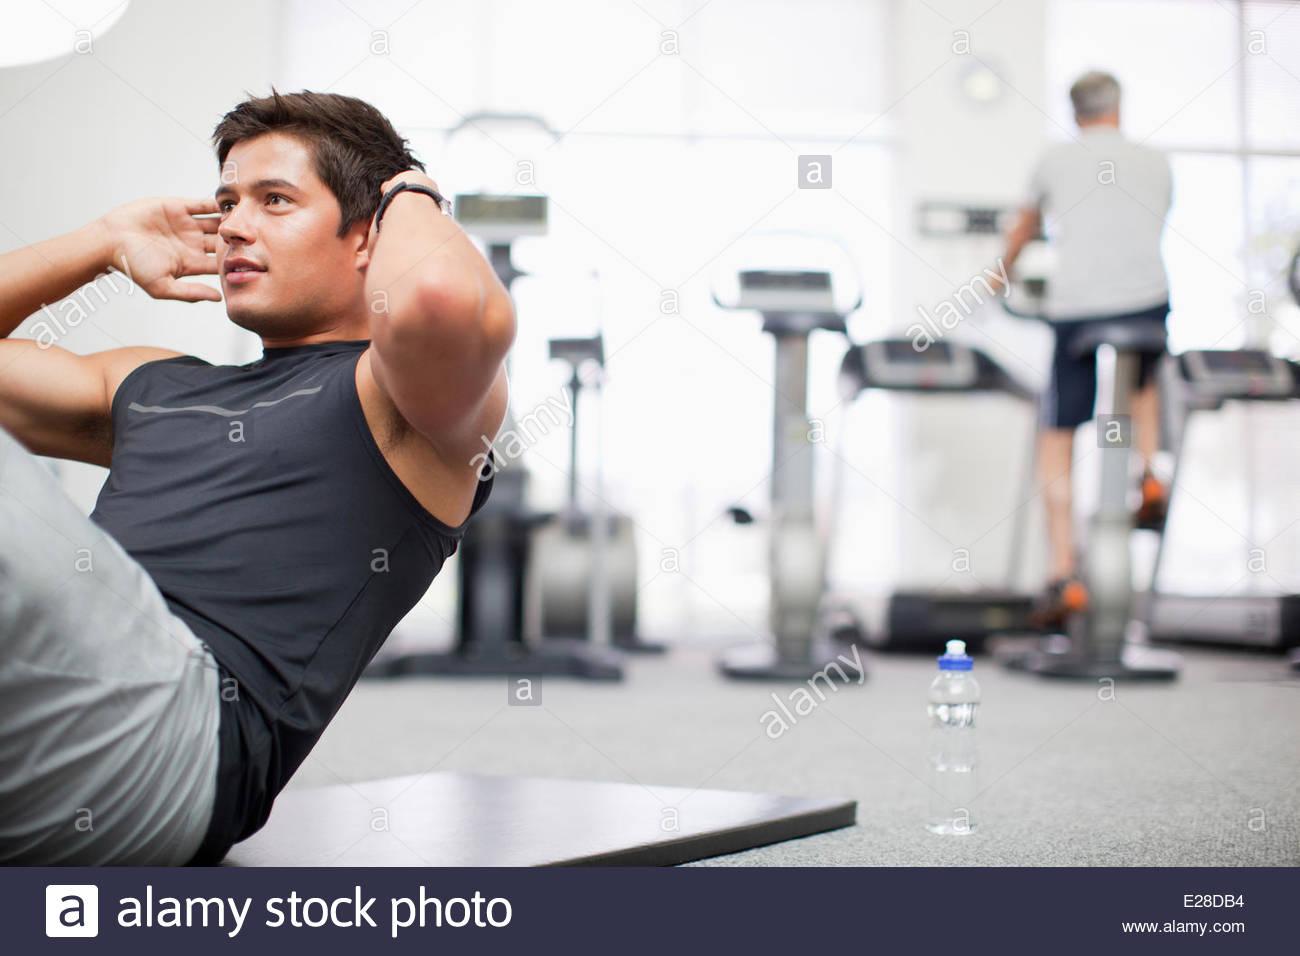 Lächelnder Mann Sit in gymnasium Stockbild